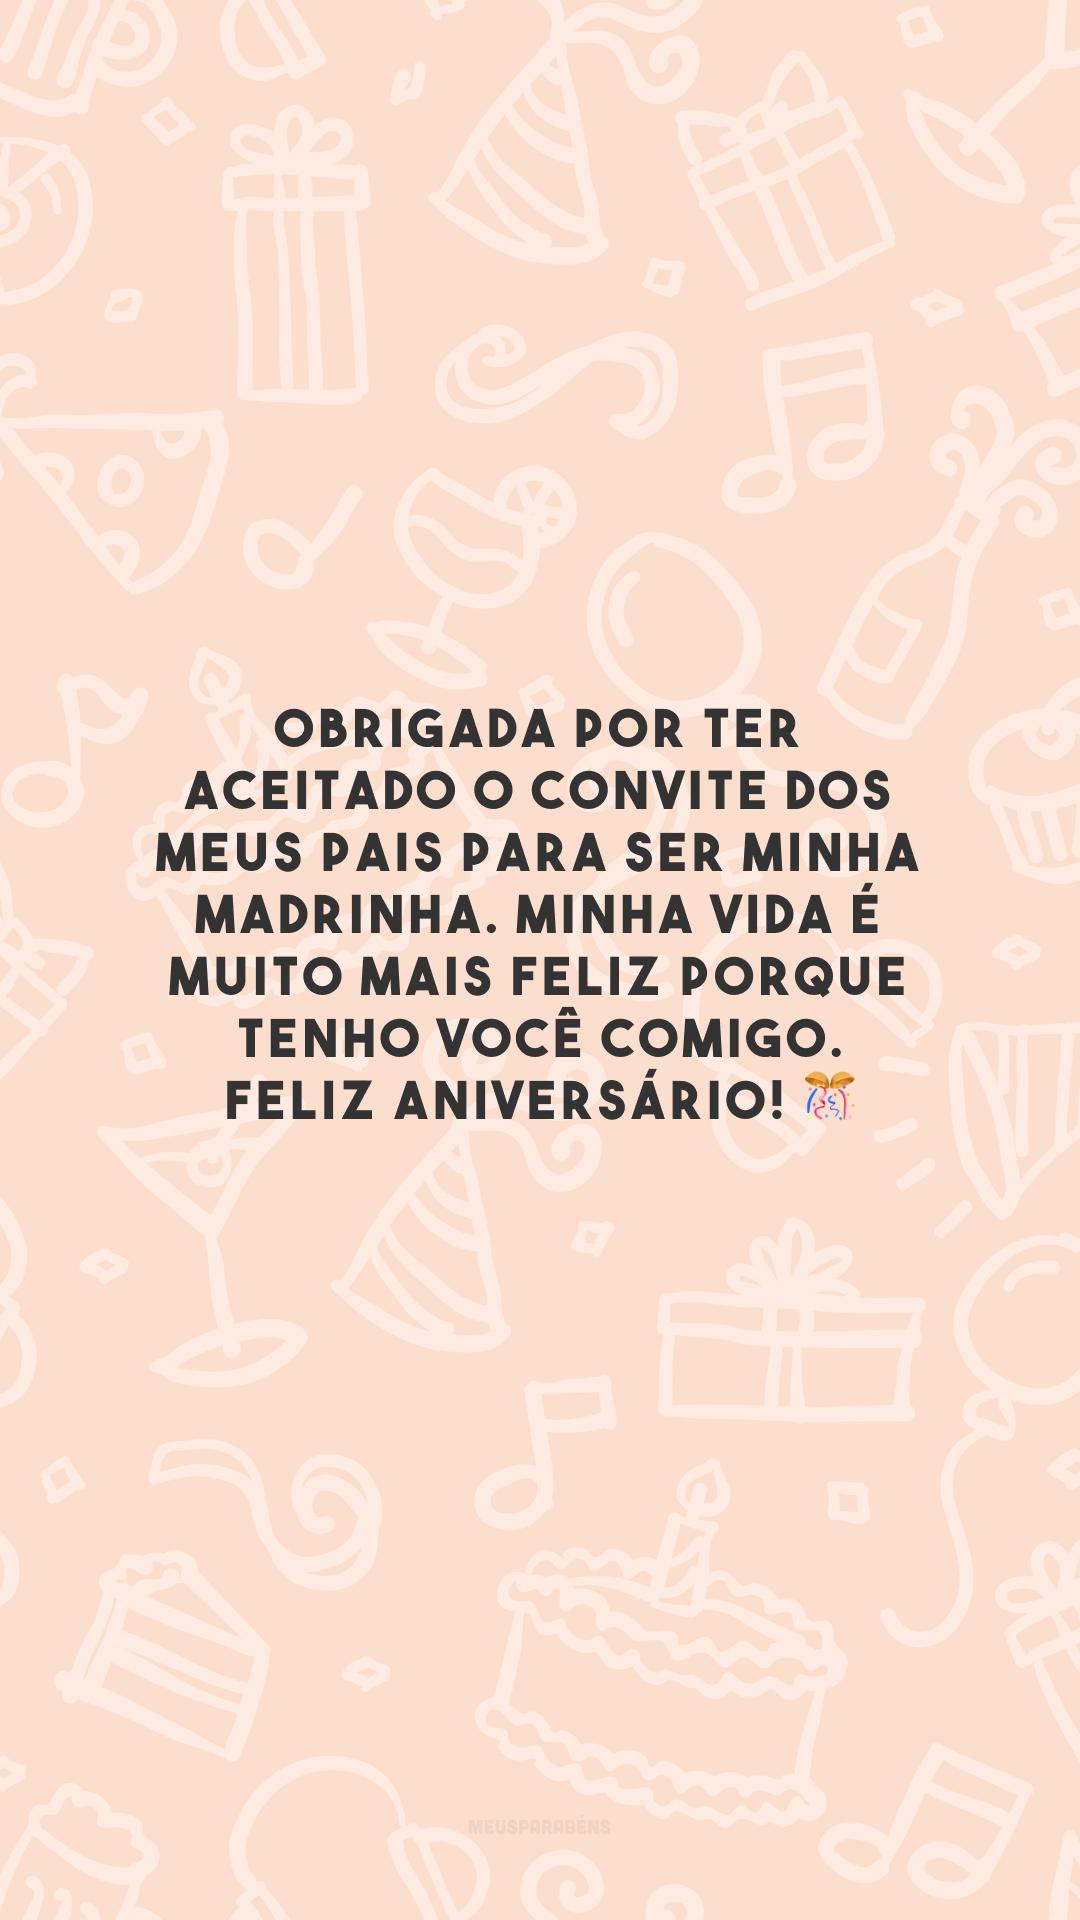 Obrigada por ter aceitado o convite dos meus pais para ser minha madrinha. Minha vida é muito mais feliz porque tenho você comigo. Feliz aniversário! 🎊